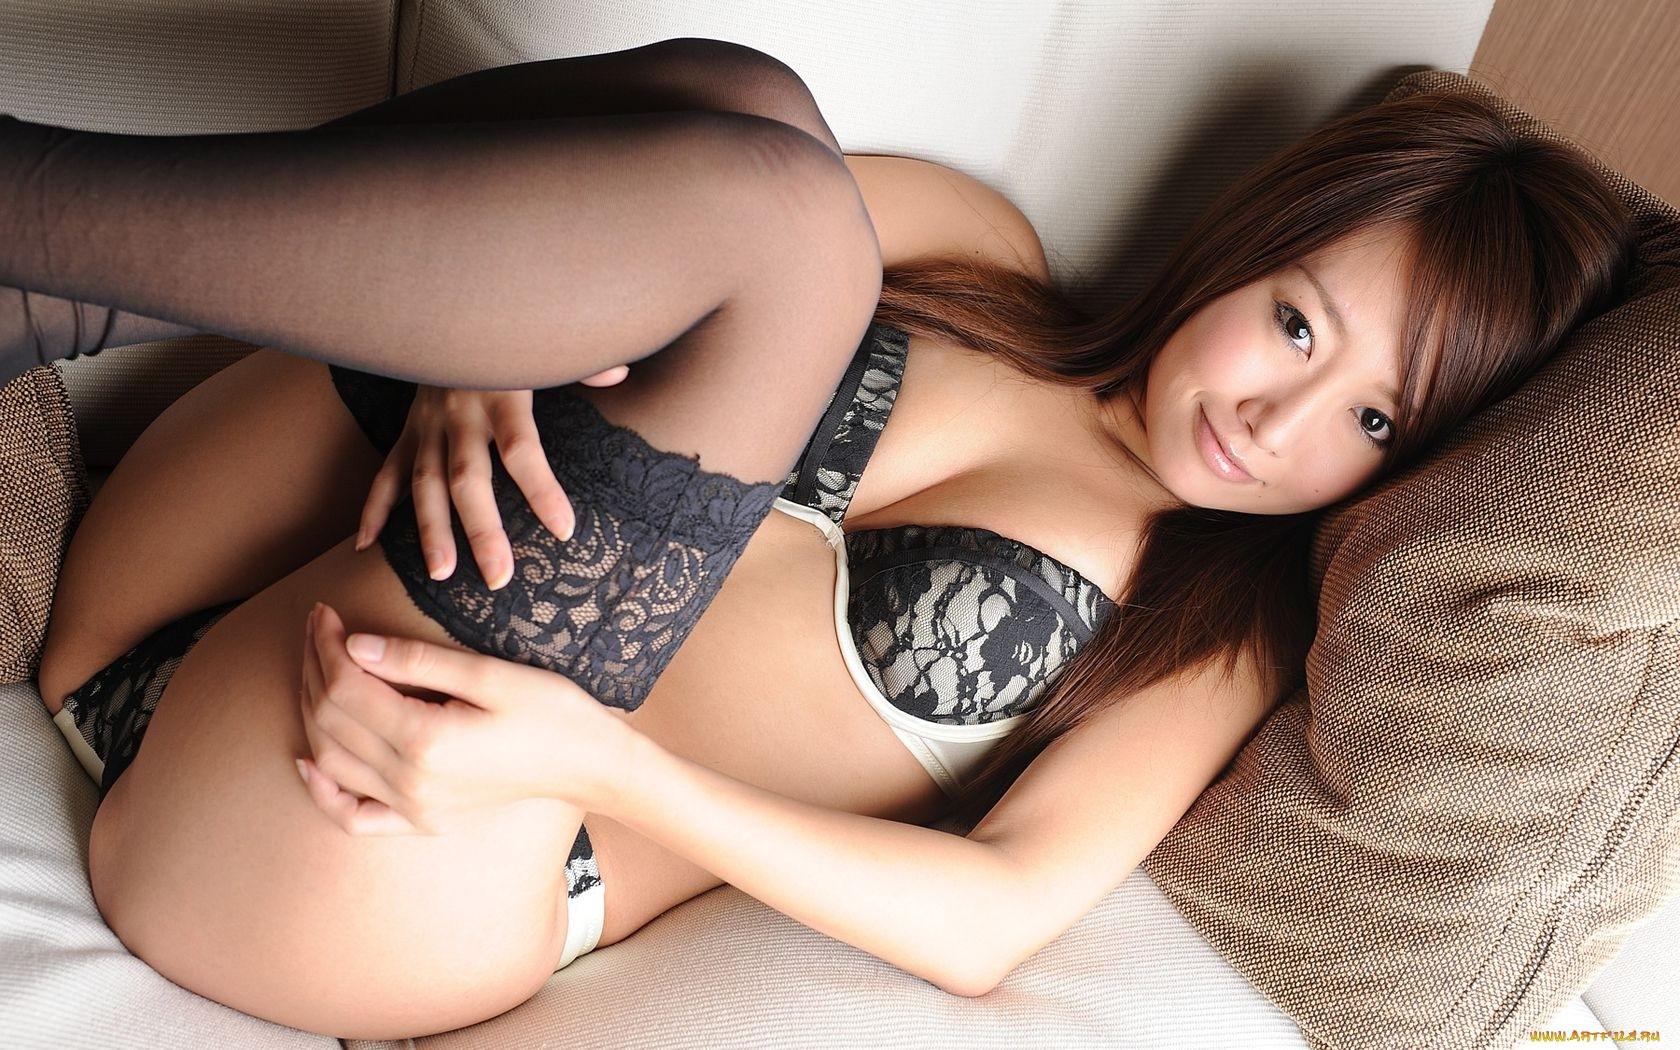 Молодие азиатки в чулках порно